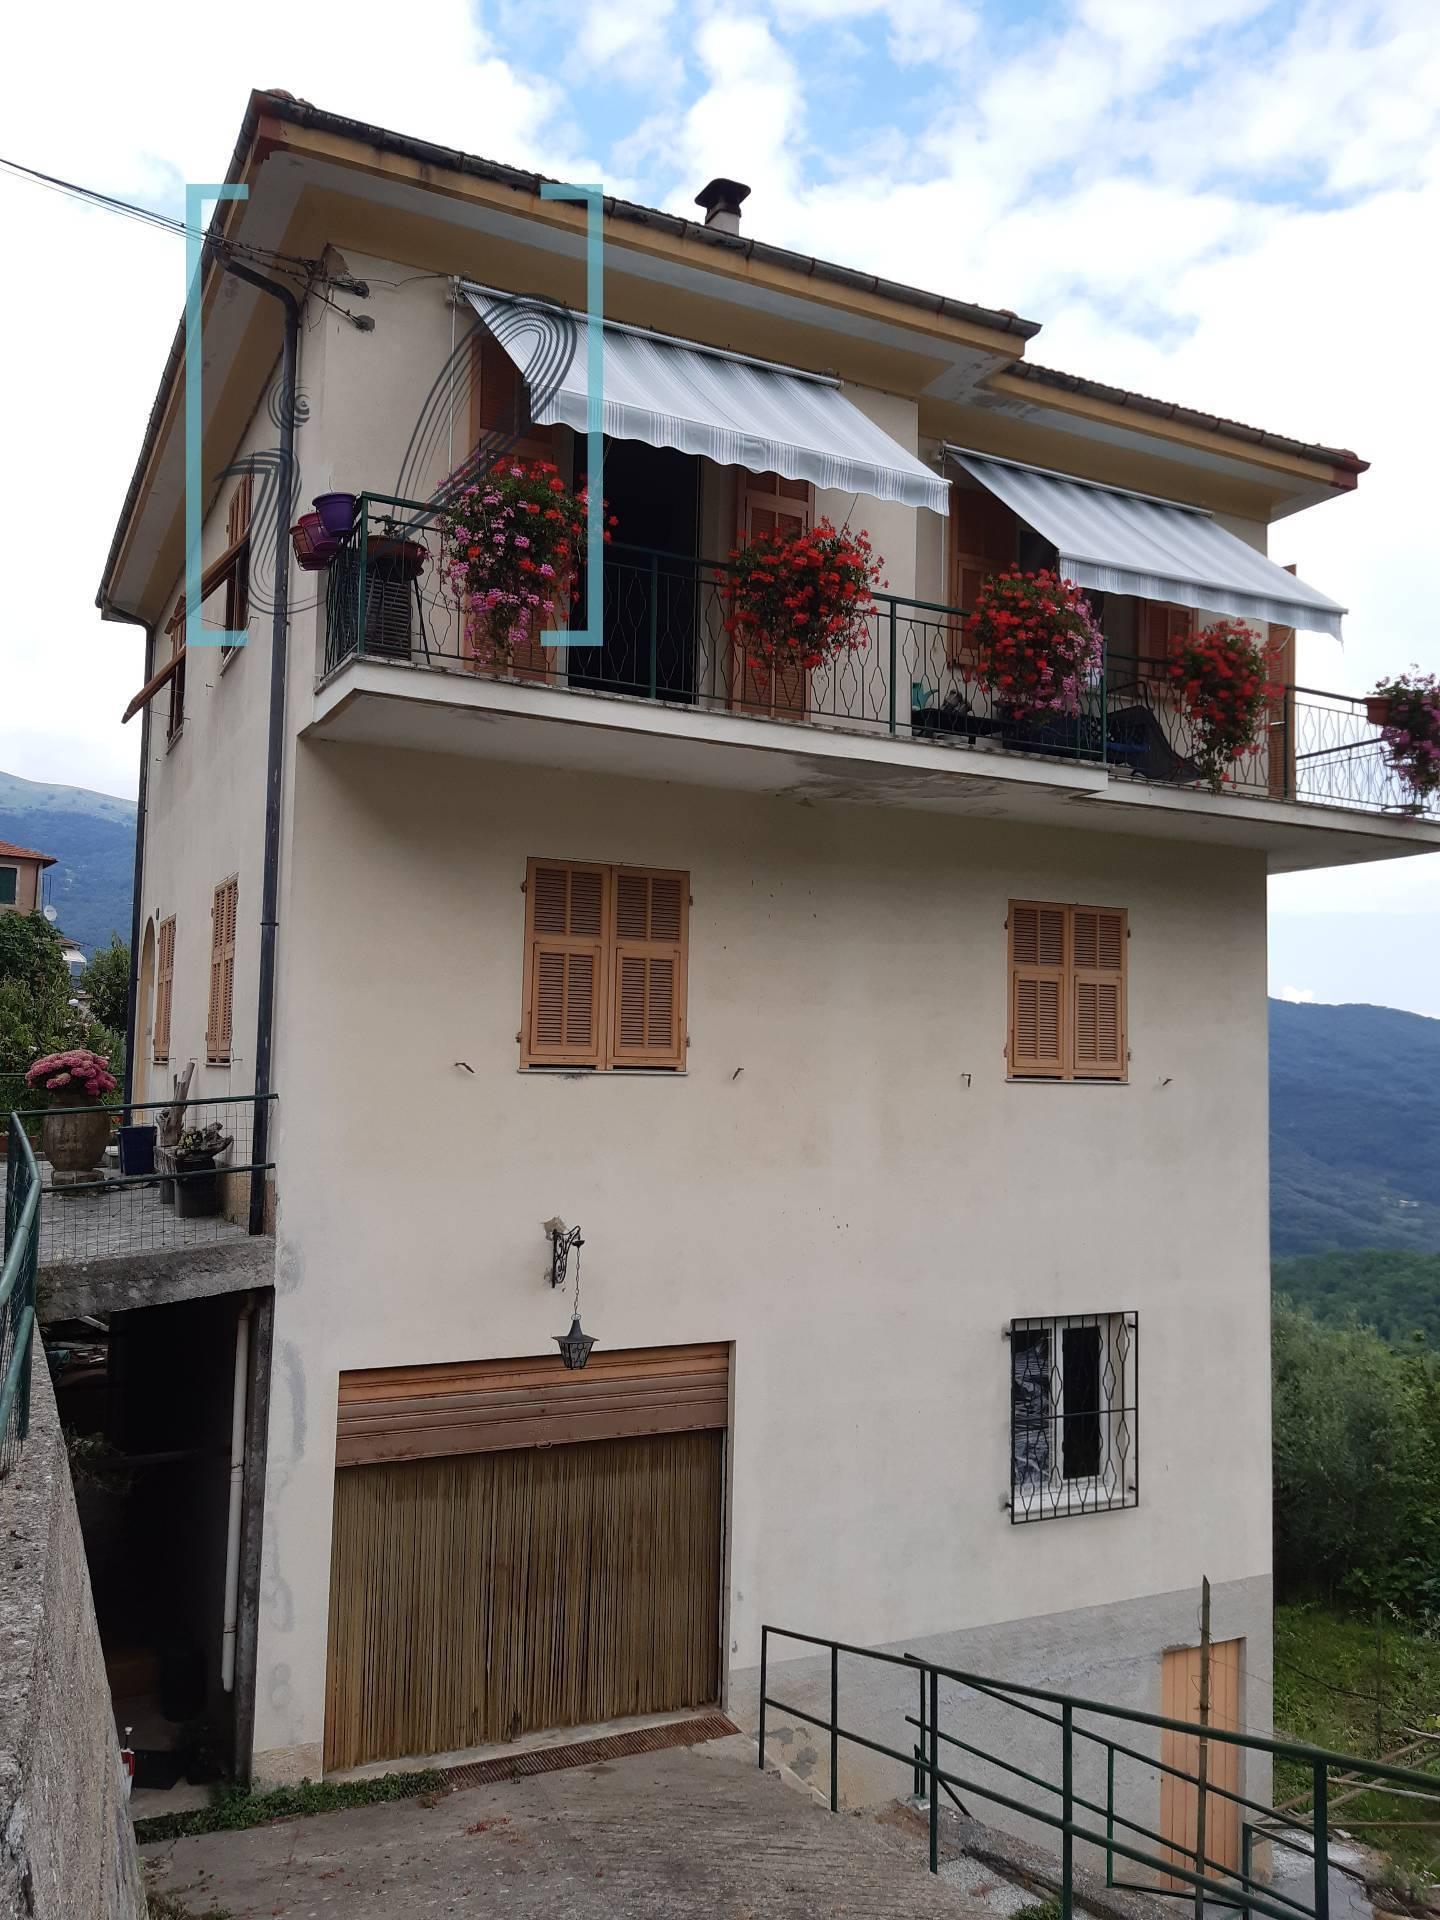 Soluzione Indipendente in vendita a Borgomaro, 7 locali, zona Località: VilleSanPietro, prezzo € 148.000 | CambioCasa.it